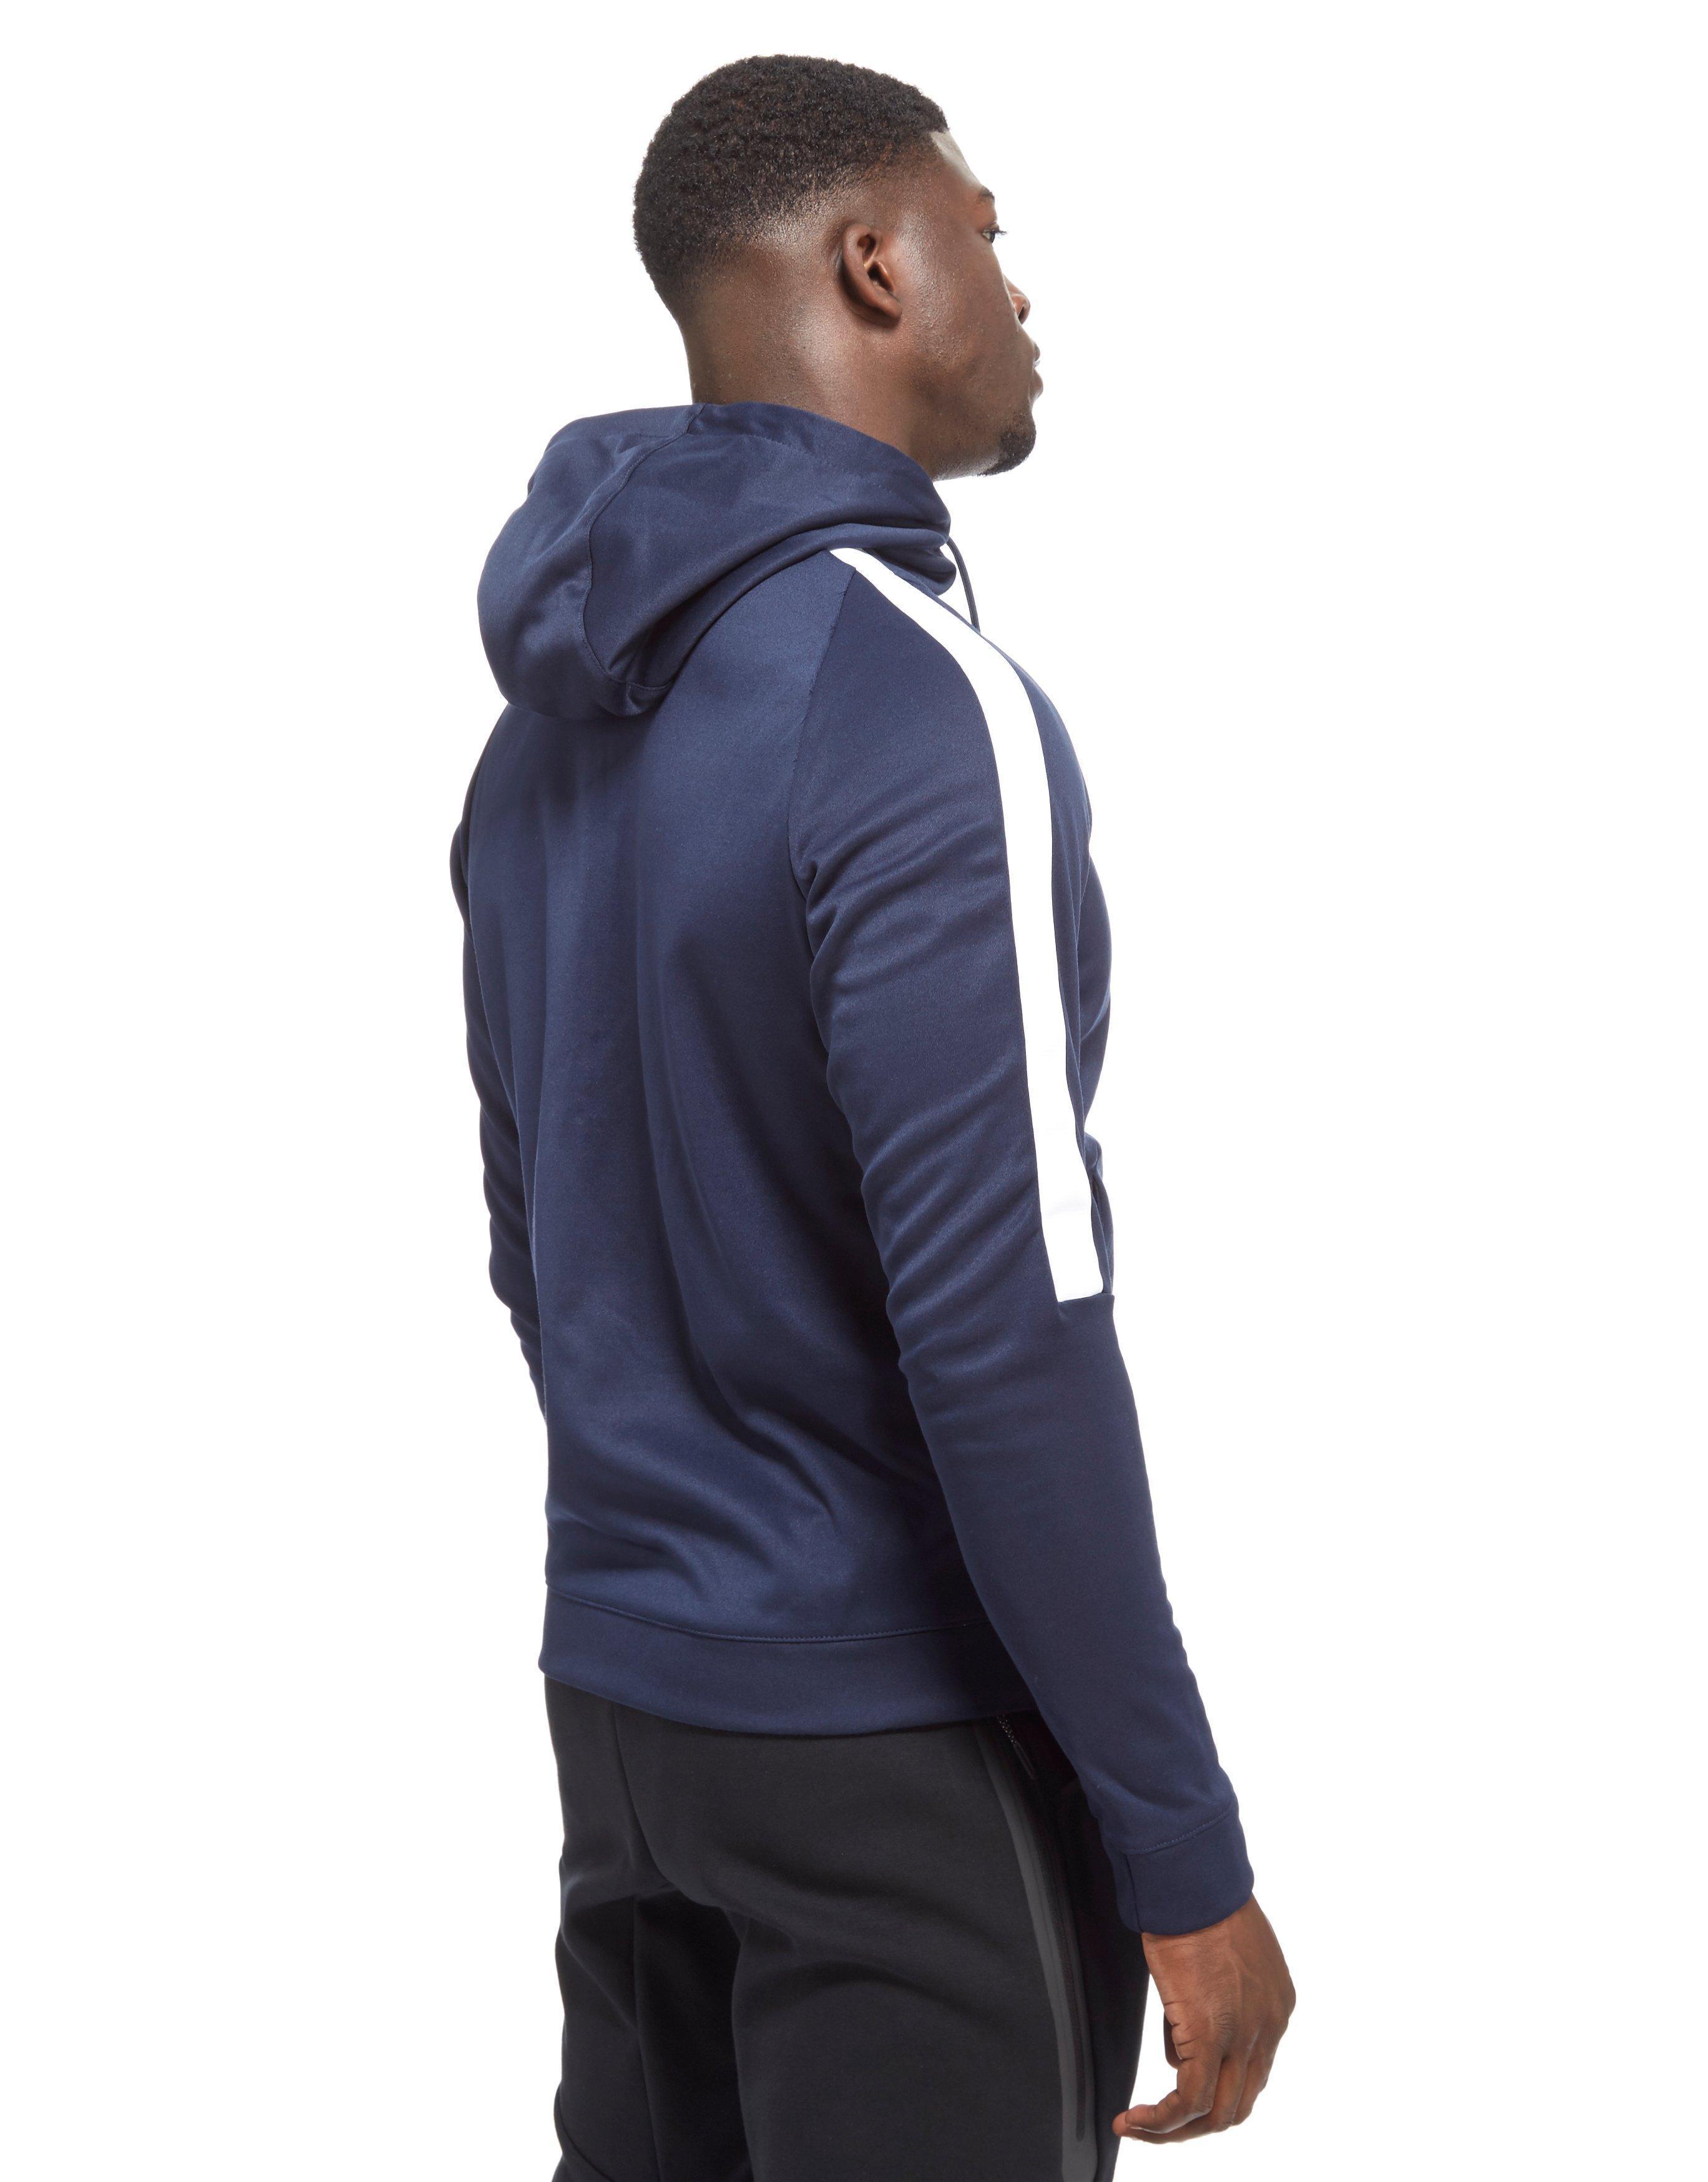 5d19842254c5 Nike Tribute Full Zip Poly Hoodie in Blue for Men - Lyst